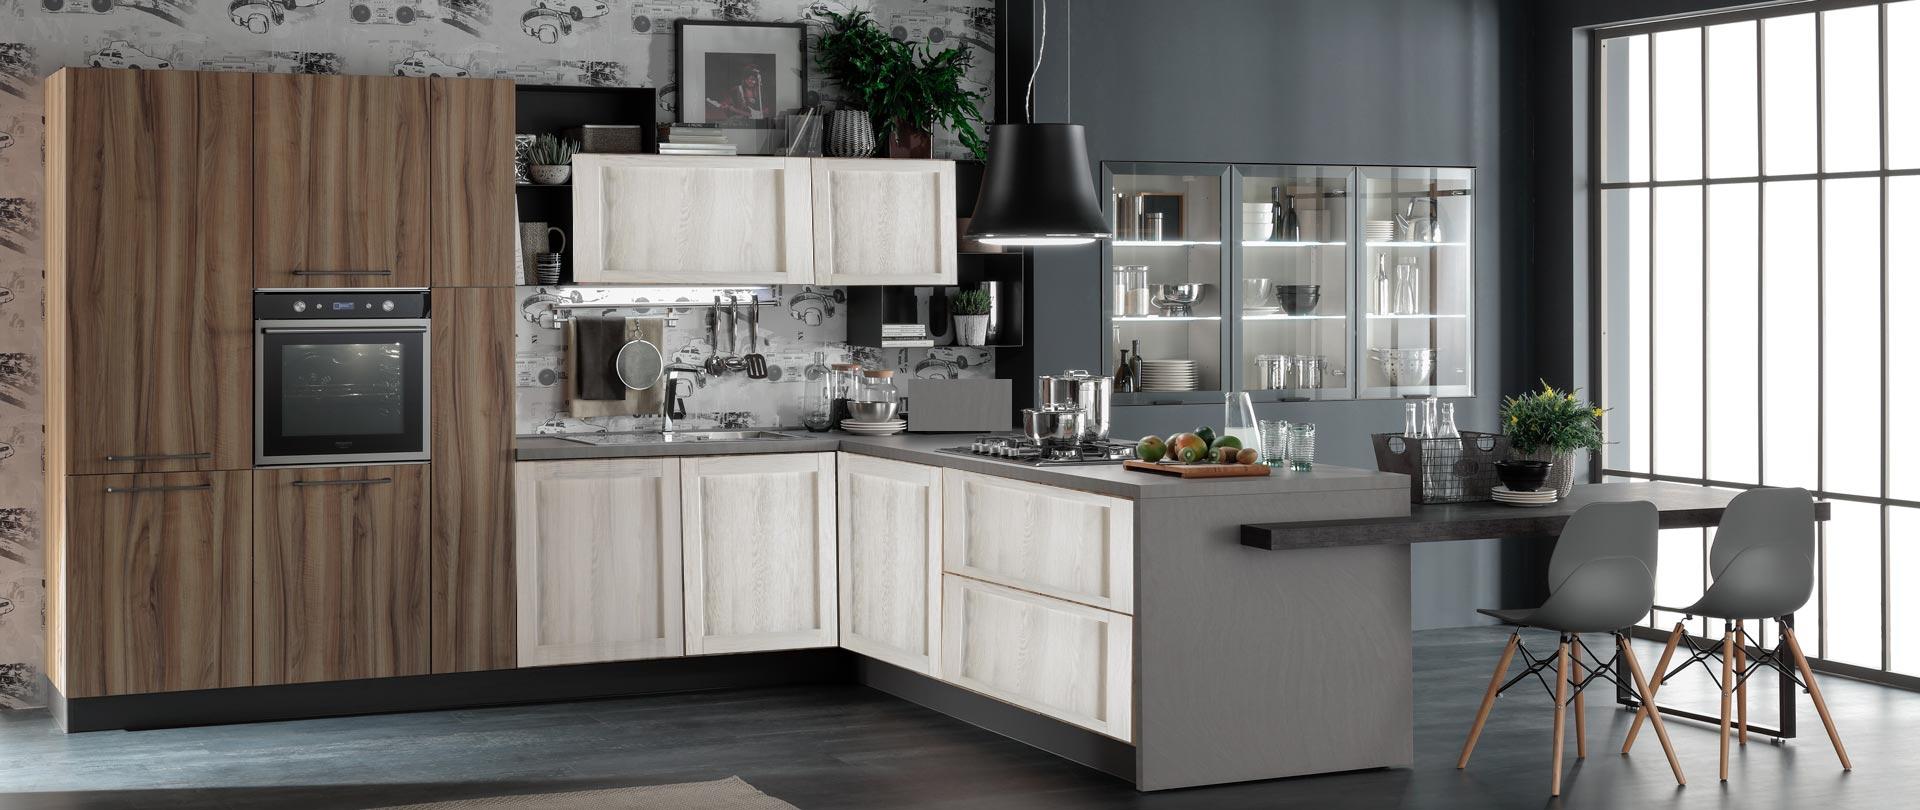 Cucina nuovi mondi cucine cucina con penisola living con tavolo integrato in offerta nuovimondi - Cucine living moderne ...